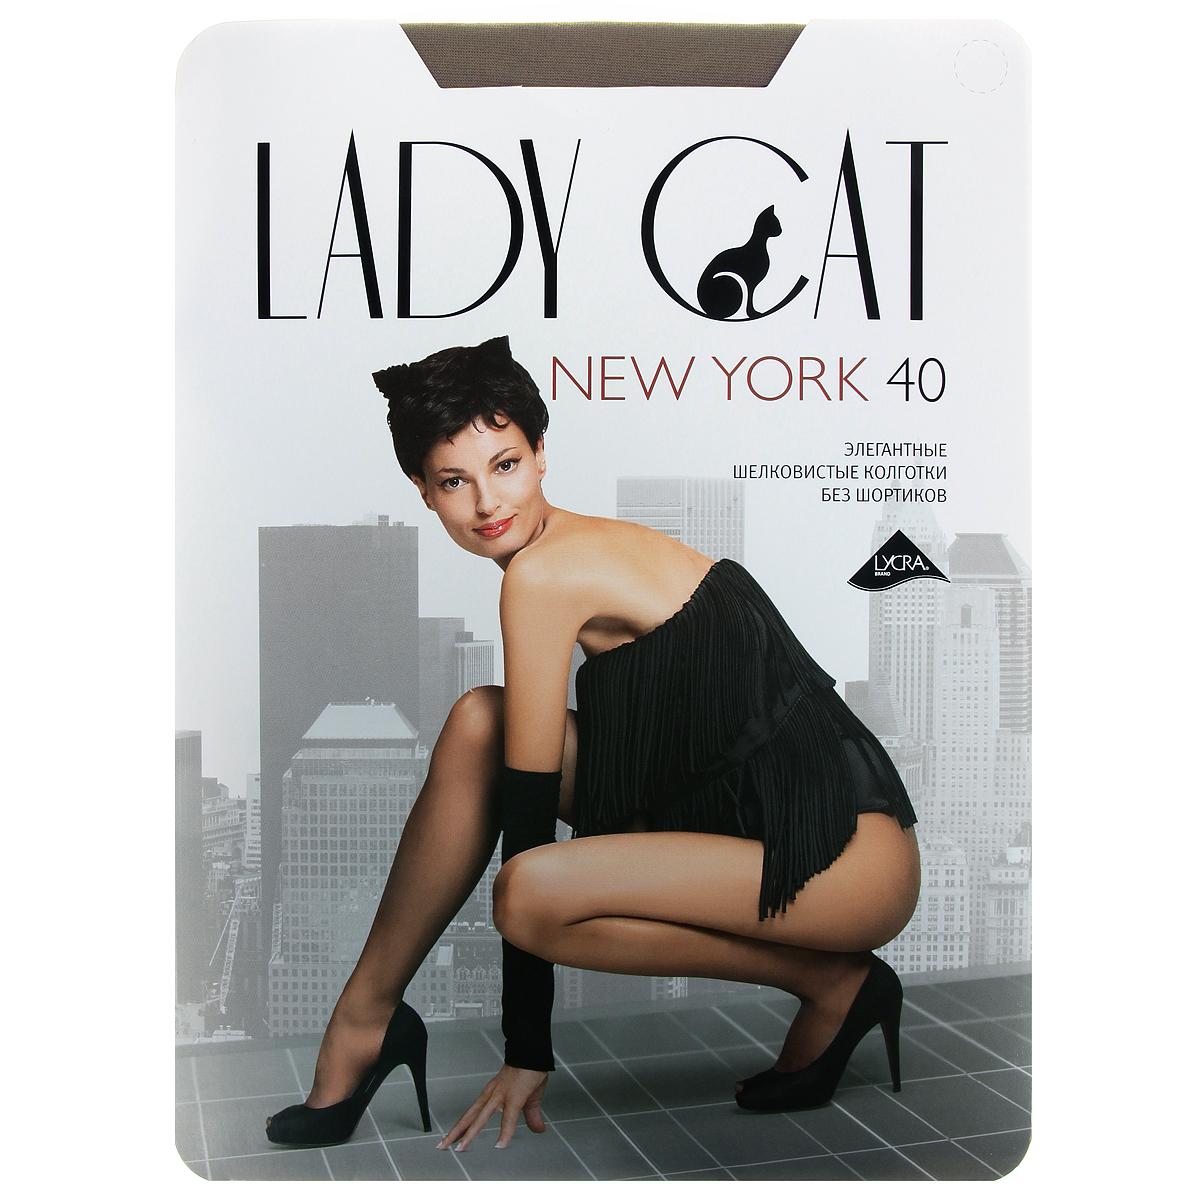 Колготки Грация Lady Cat New York 40, цвет: телесный. Размер 2New York 40Элегантные шелковистые колготки Грация Lady Cat New York 40 без шортиков, благодаря высокому содержанию лайкры, имеют легкий утягивающий эффект. Хлопковая ластовица и плоские швы обеспечивают дополнительный комфорт. 40 den.В коллекциях колготок Грация представлены модели, которые станут удачным дополнением к гардеробу любой женщины. Модели с заниженной и классической линией талии, совсем тоненькие с эффектом прохлады для жарких дней и утепленные с добавлением шерсти. Любая модница знает, что особое внимание при выборе одежки для своих ножек следует уделять фактуре изделия. В коллекции колготок Грация вы найдете и шелковистые колготки с добавлением лайкры, которые окутают ваши ножки легким мерцанием, и более строгие матовые модели.Но главная особенность колготок Грация - их практичность: они устойчивы к появлению затяжек и очень прочны. В особенно уязвимых зонах многие модели специально уплотнены, что обеспечивает дополнительную защиту.